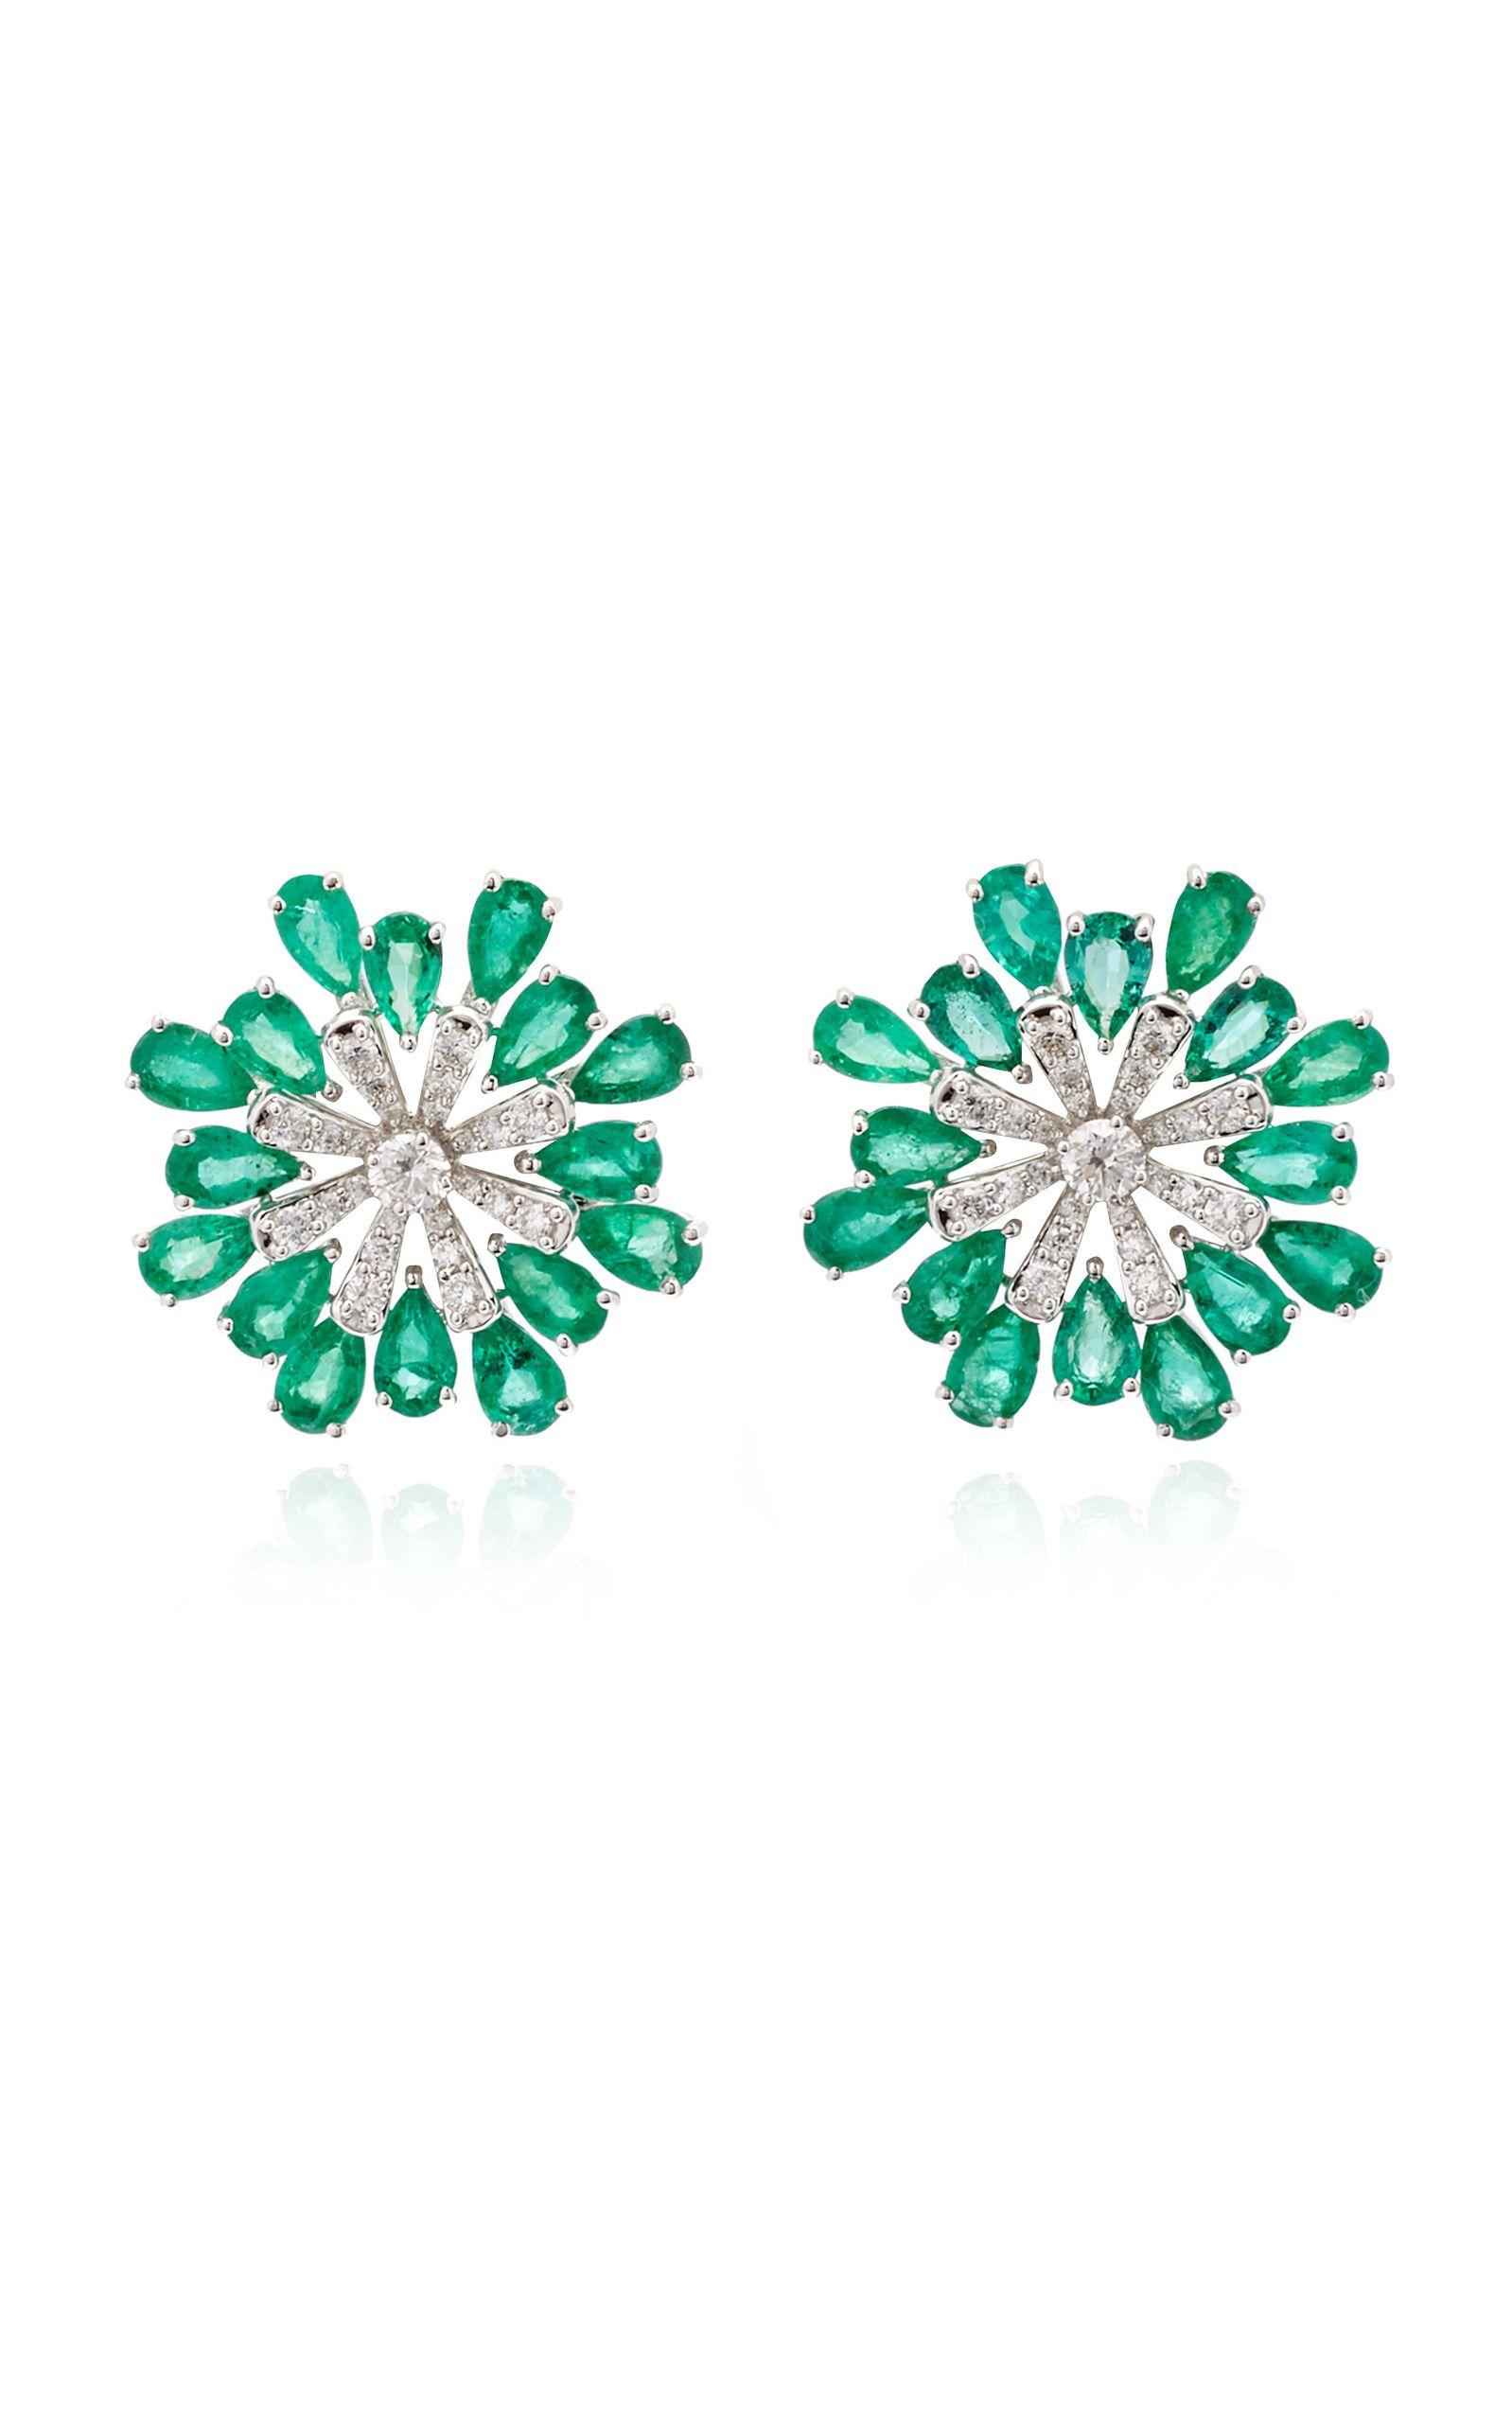 Multilayer Flower Earrings Emerald Snowflake Ear Stud Jewelry 18K Gold Filled